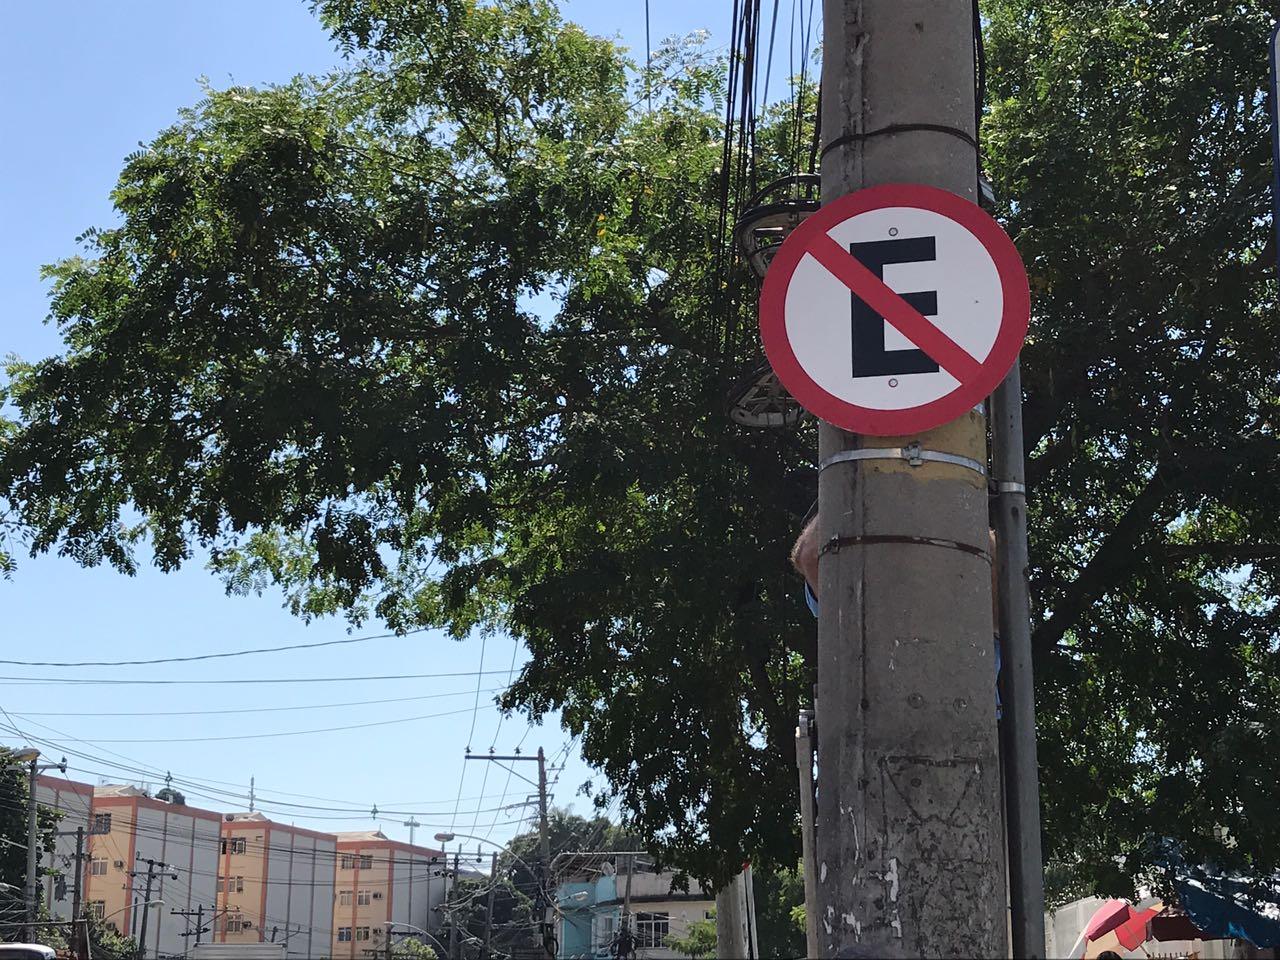 Calçada do UPA do Complexo do Alemão, agora tem placas de sinalização que proíbem estacionamento